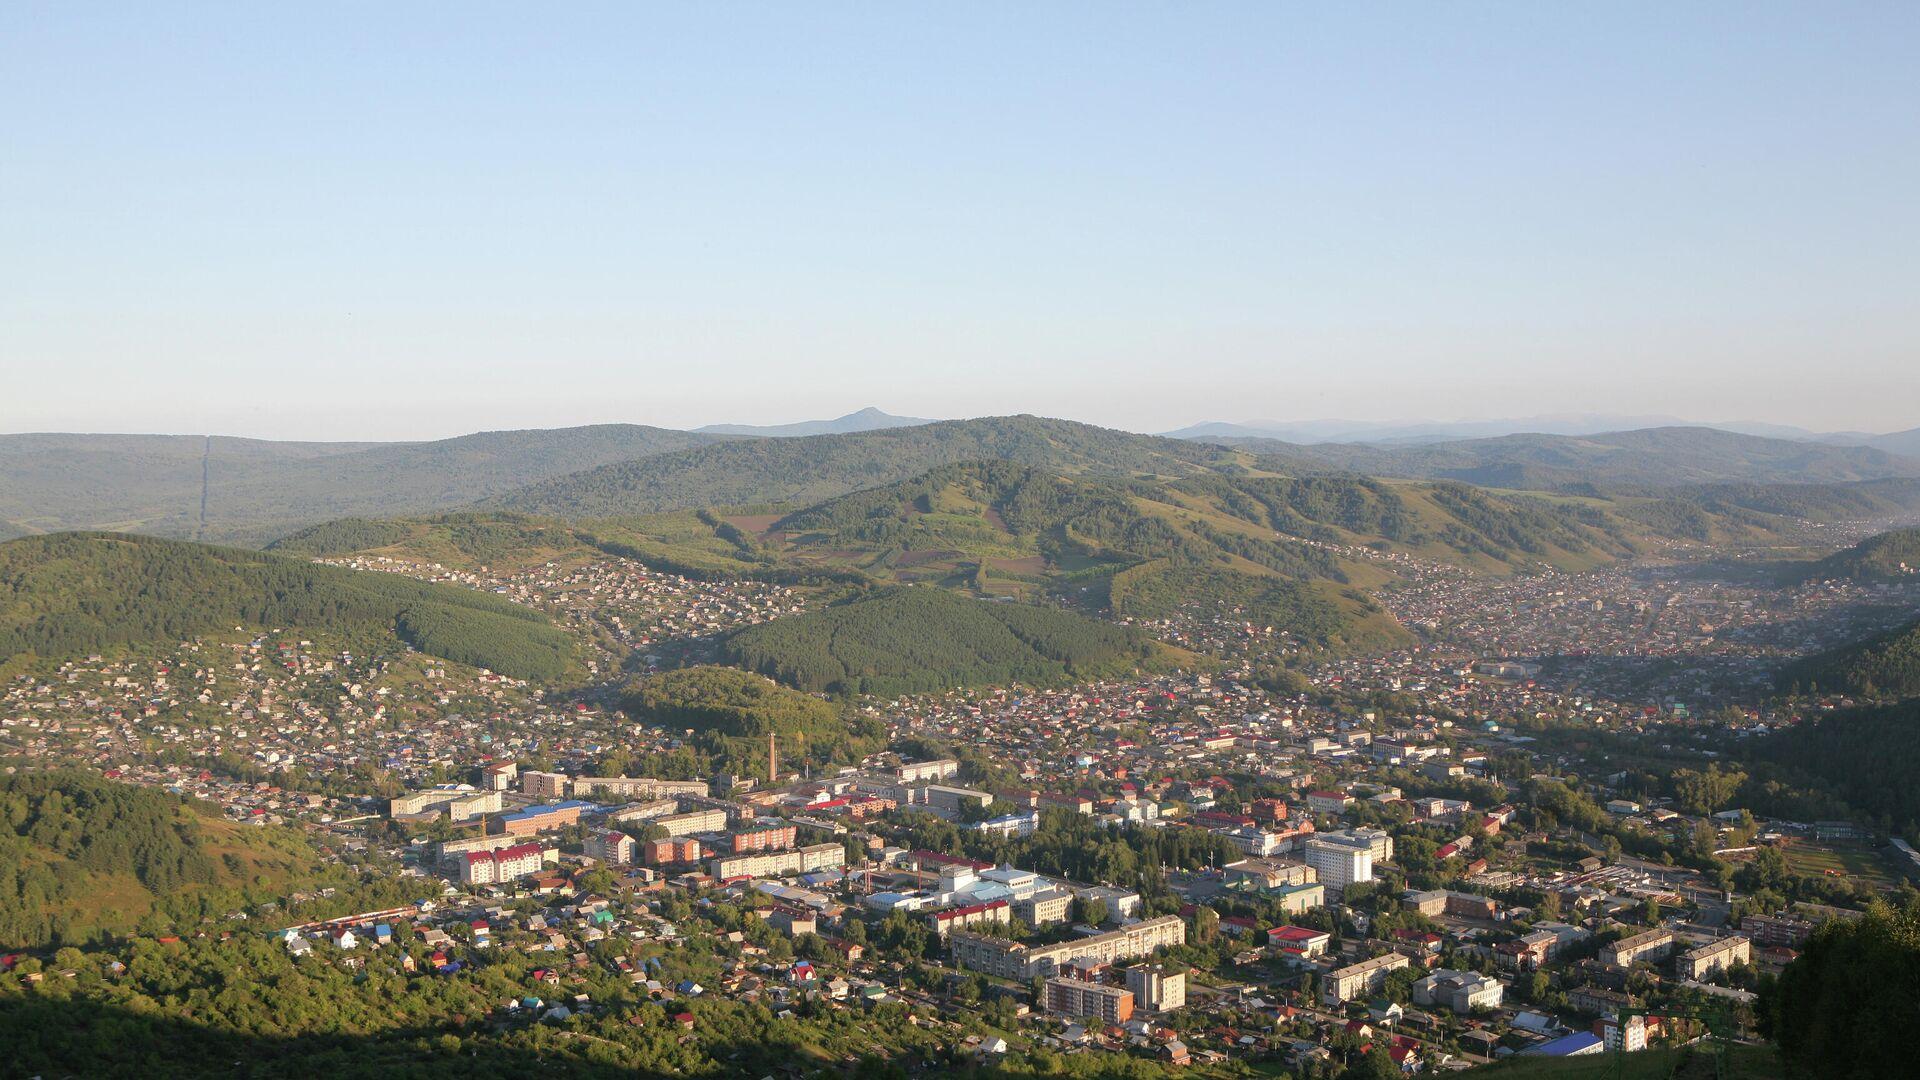 Вид на город Горно-Алтайск - РИА Новости, 1920, 02.12.2020